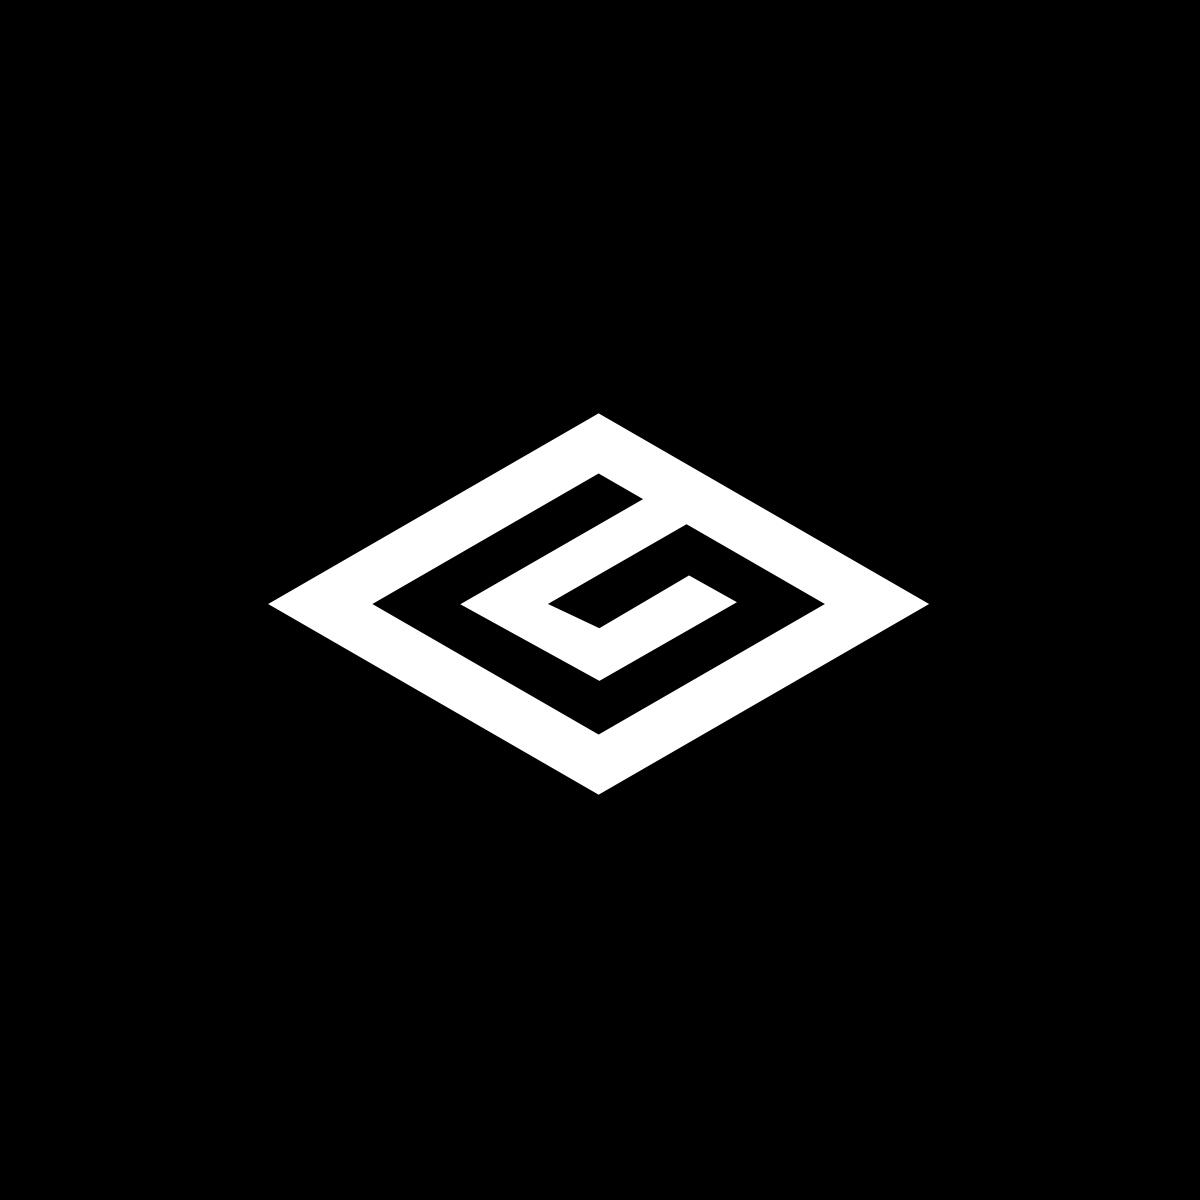 Various-Logos_Gaze